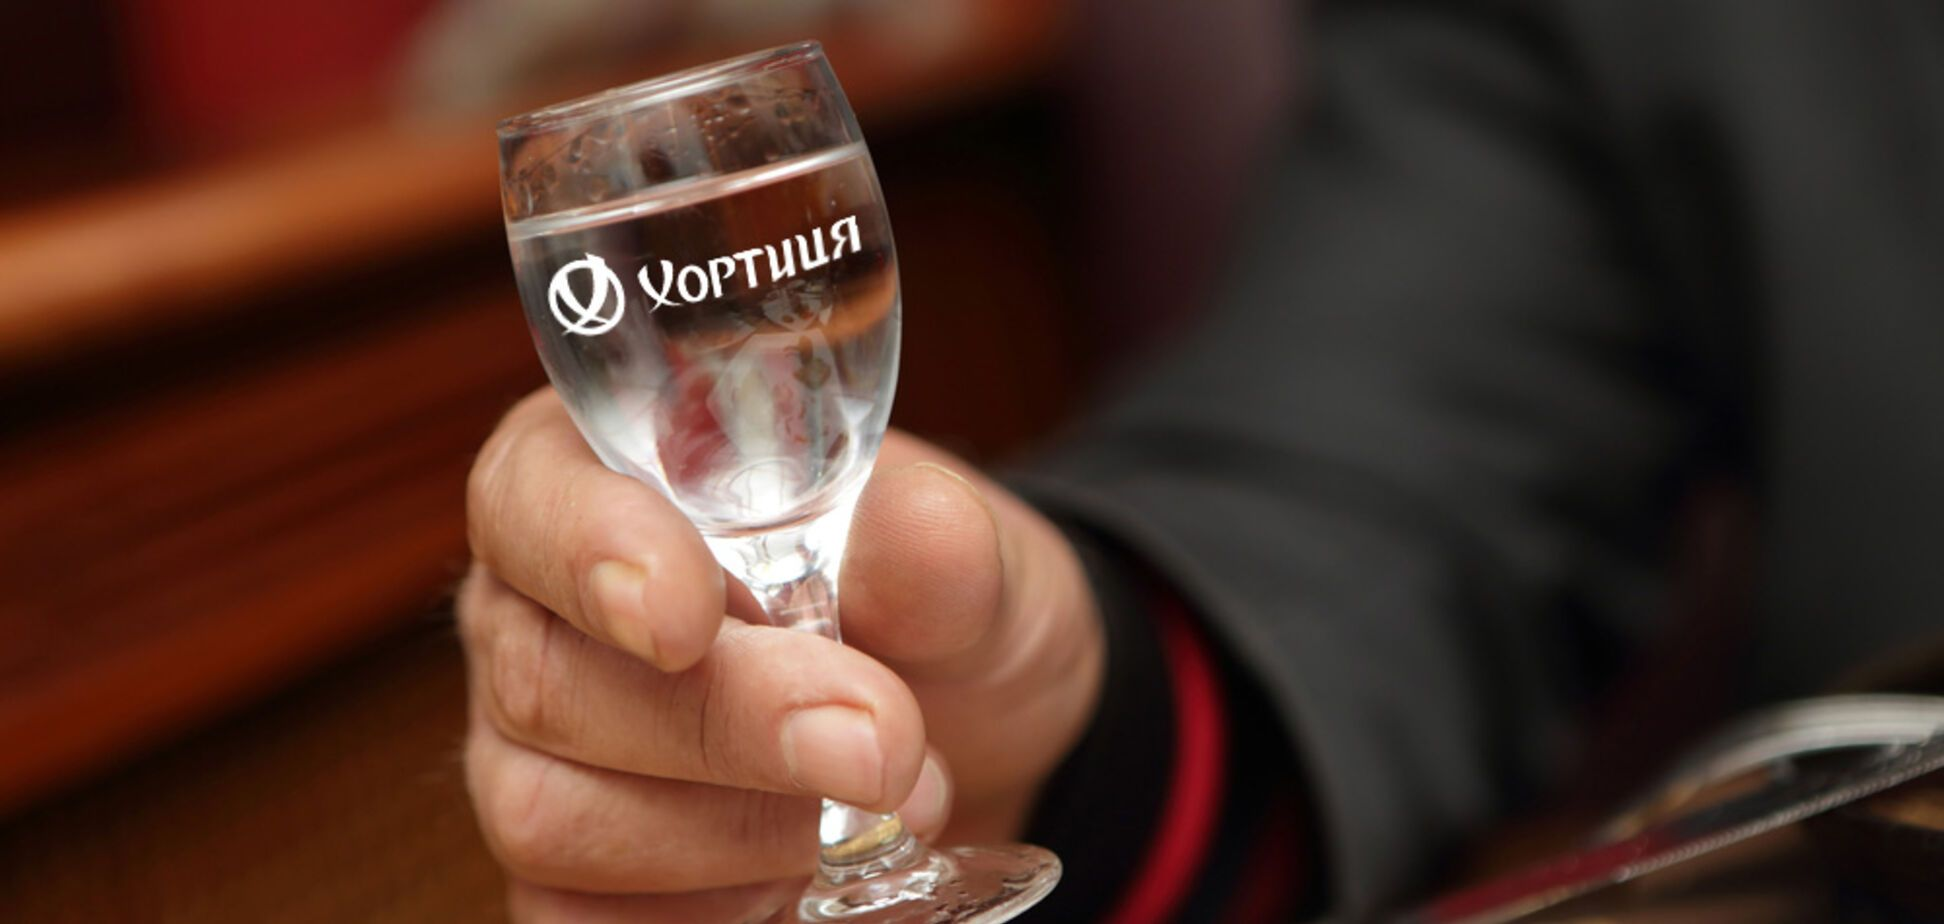 Вчені з'ясували: чарка міцного алкоголю допомагає краще говорити іноземною мовою